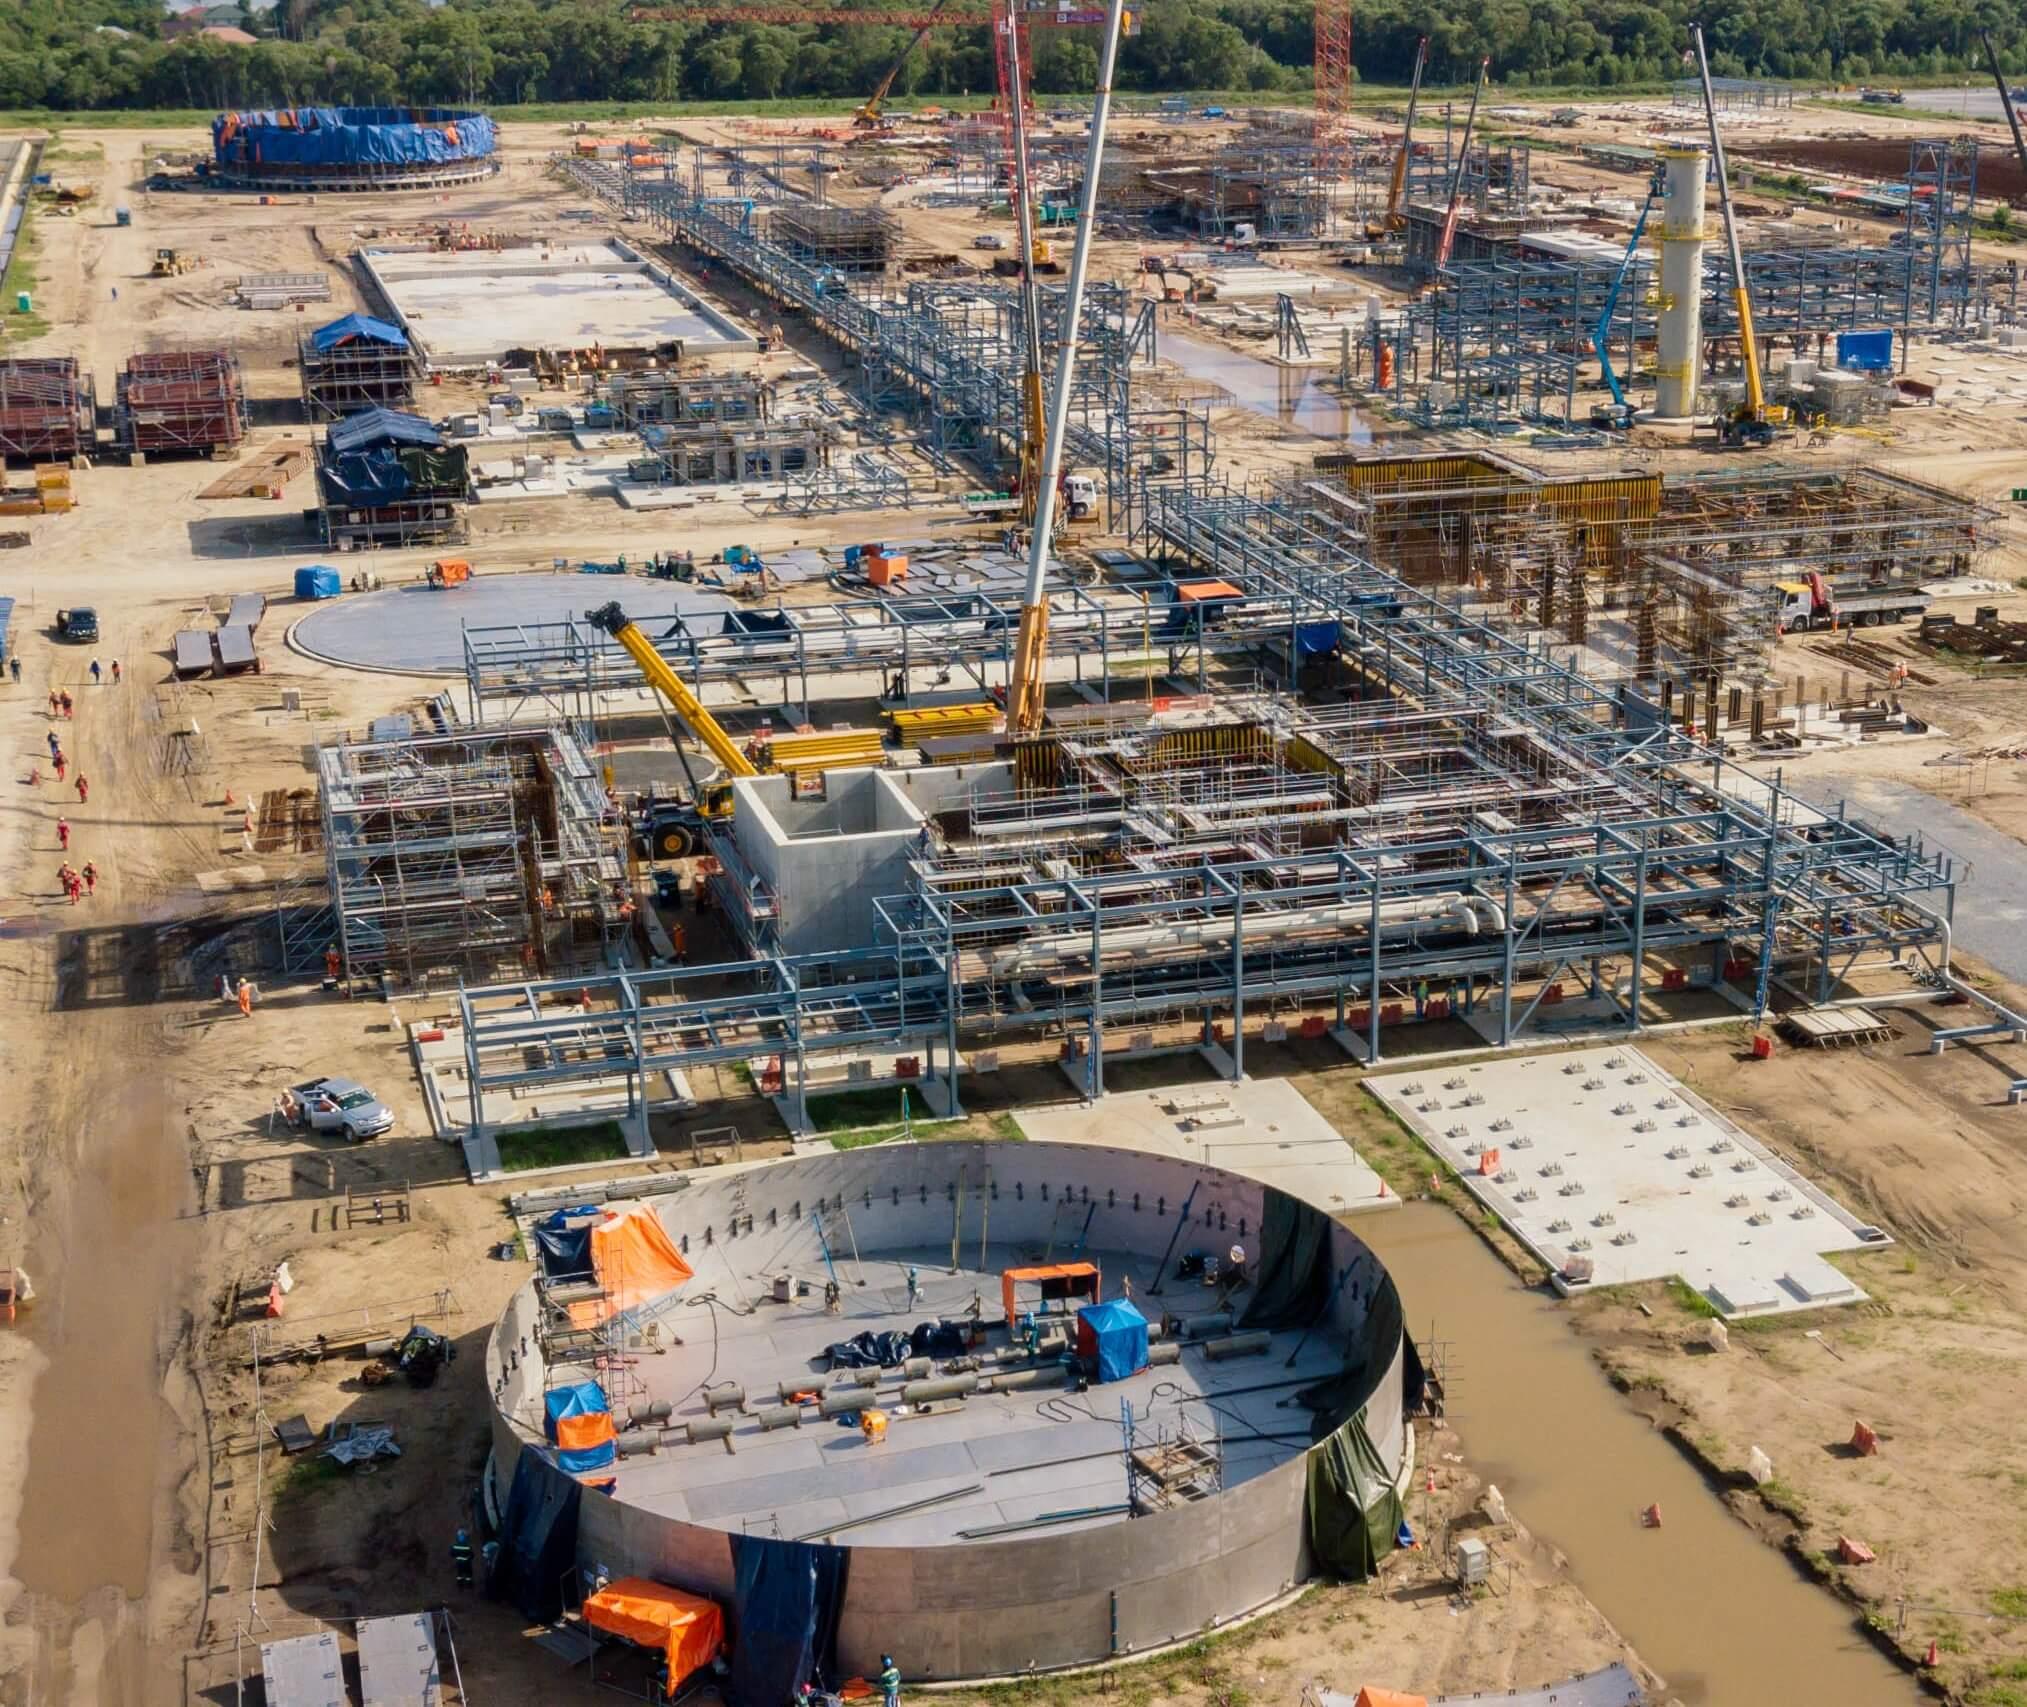 Der Startschuss für den Bau des Düngemittelkomplexes im Sungai Liang Industrial Park fiel im Oktober 2018.